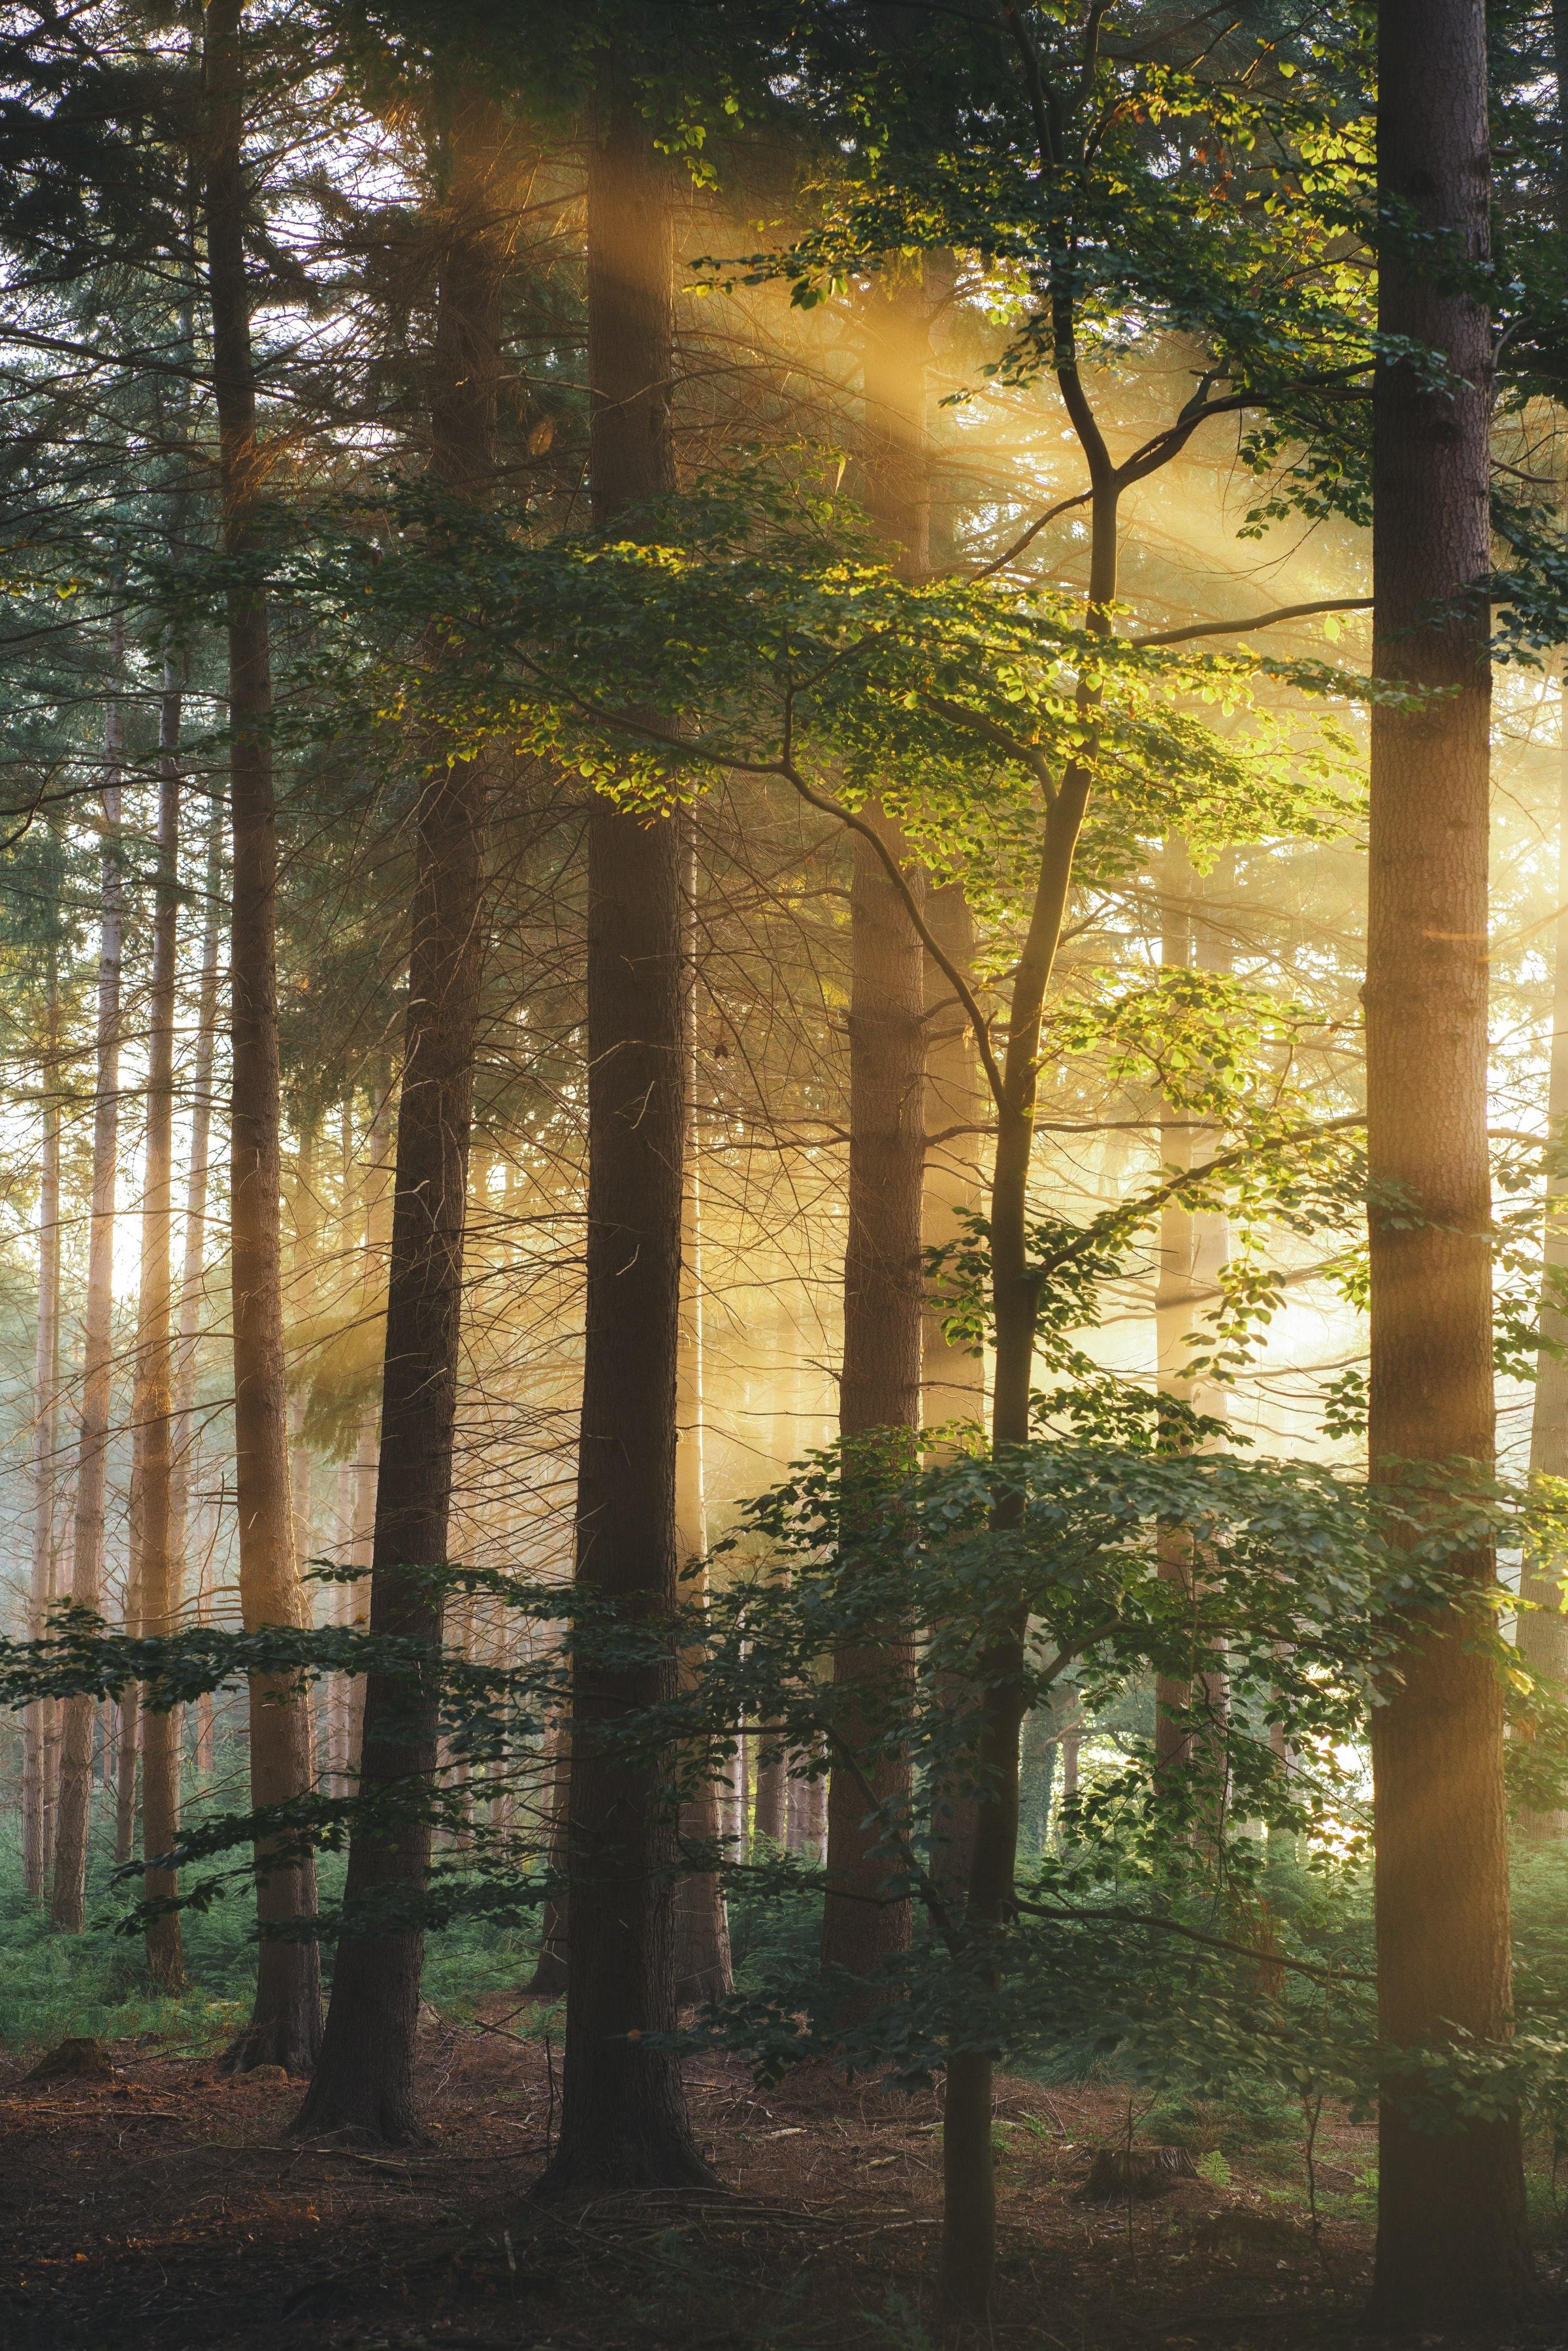 145185壁紙のダウンロード自然, 木, ブランチ, 枝, ビーム, 光線, 森林, 森-スクリーンセーバーと写真を無料で